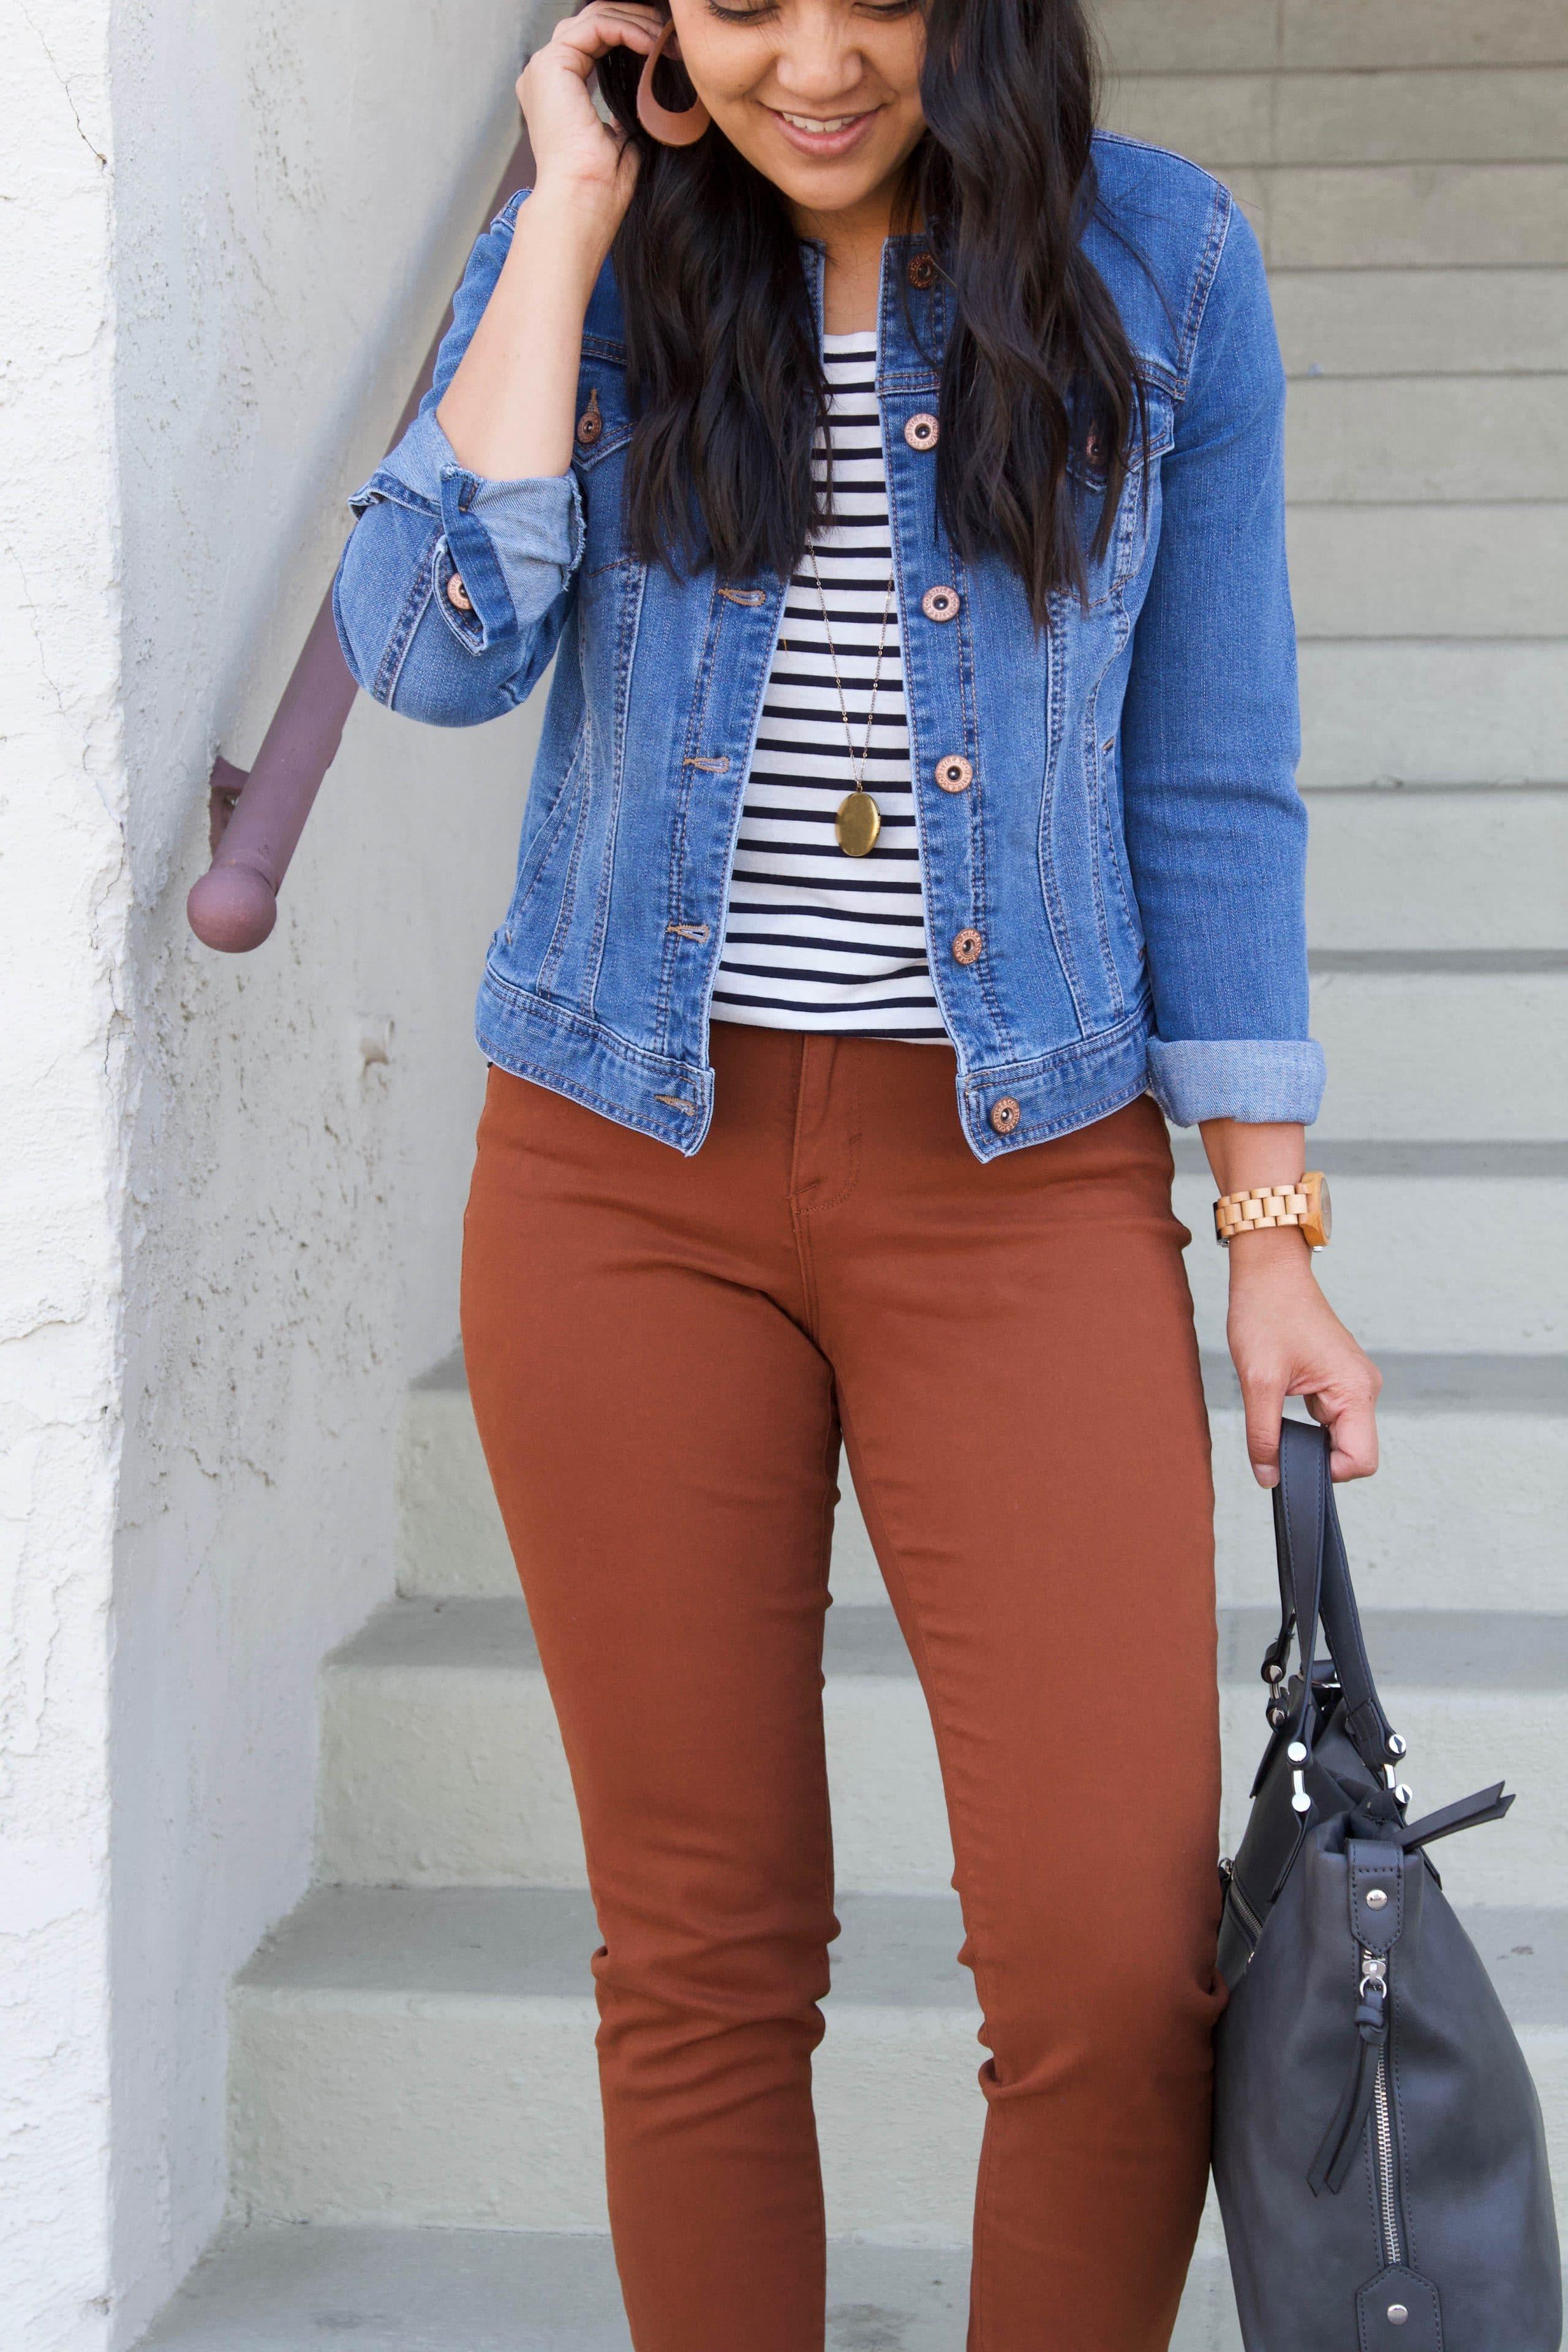 black and white striped tee + denim jacket + brown skinnies + tan slip on sneakers + grey purse